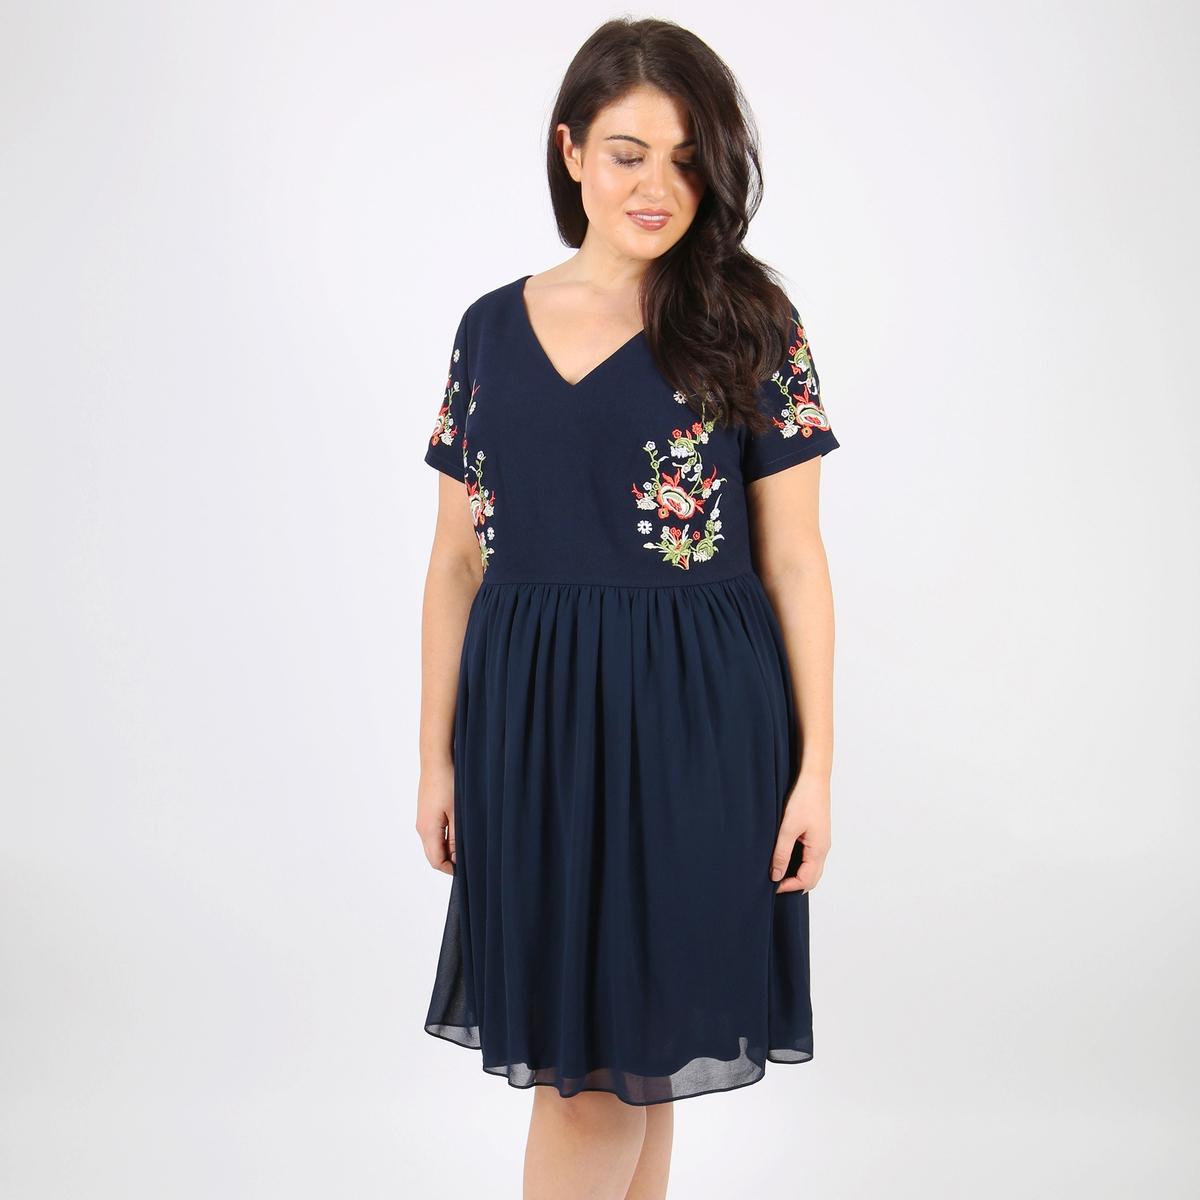 Платье расклешенное с рисунком и короткими рукавами